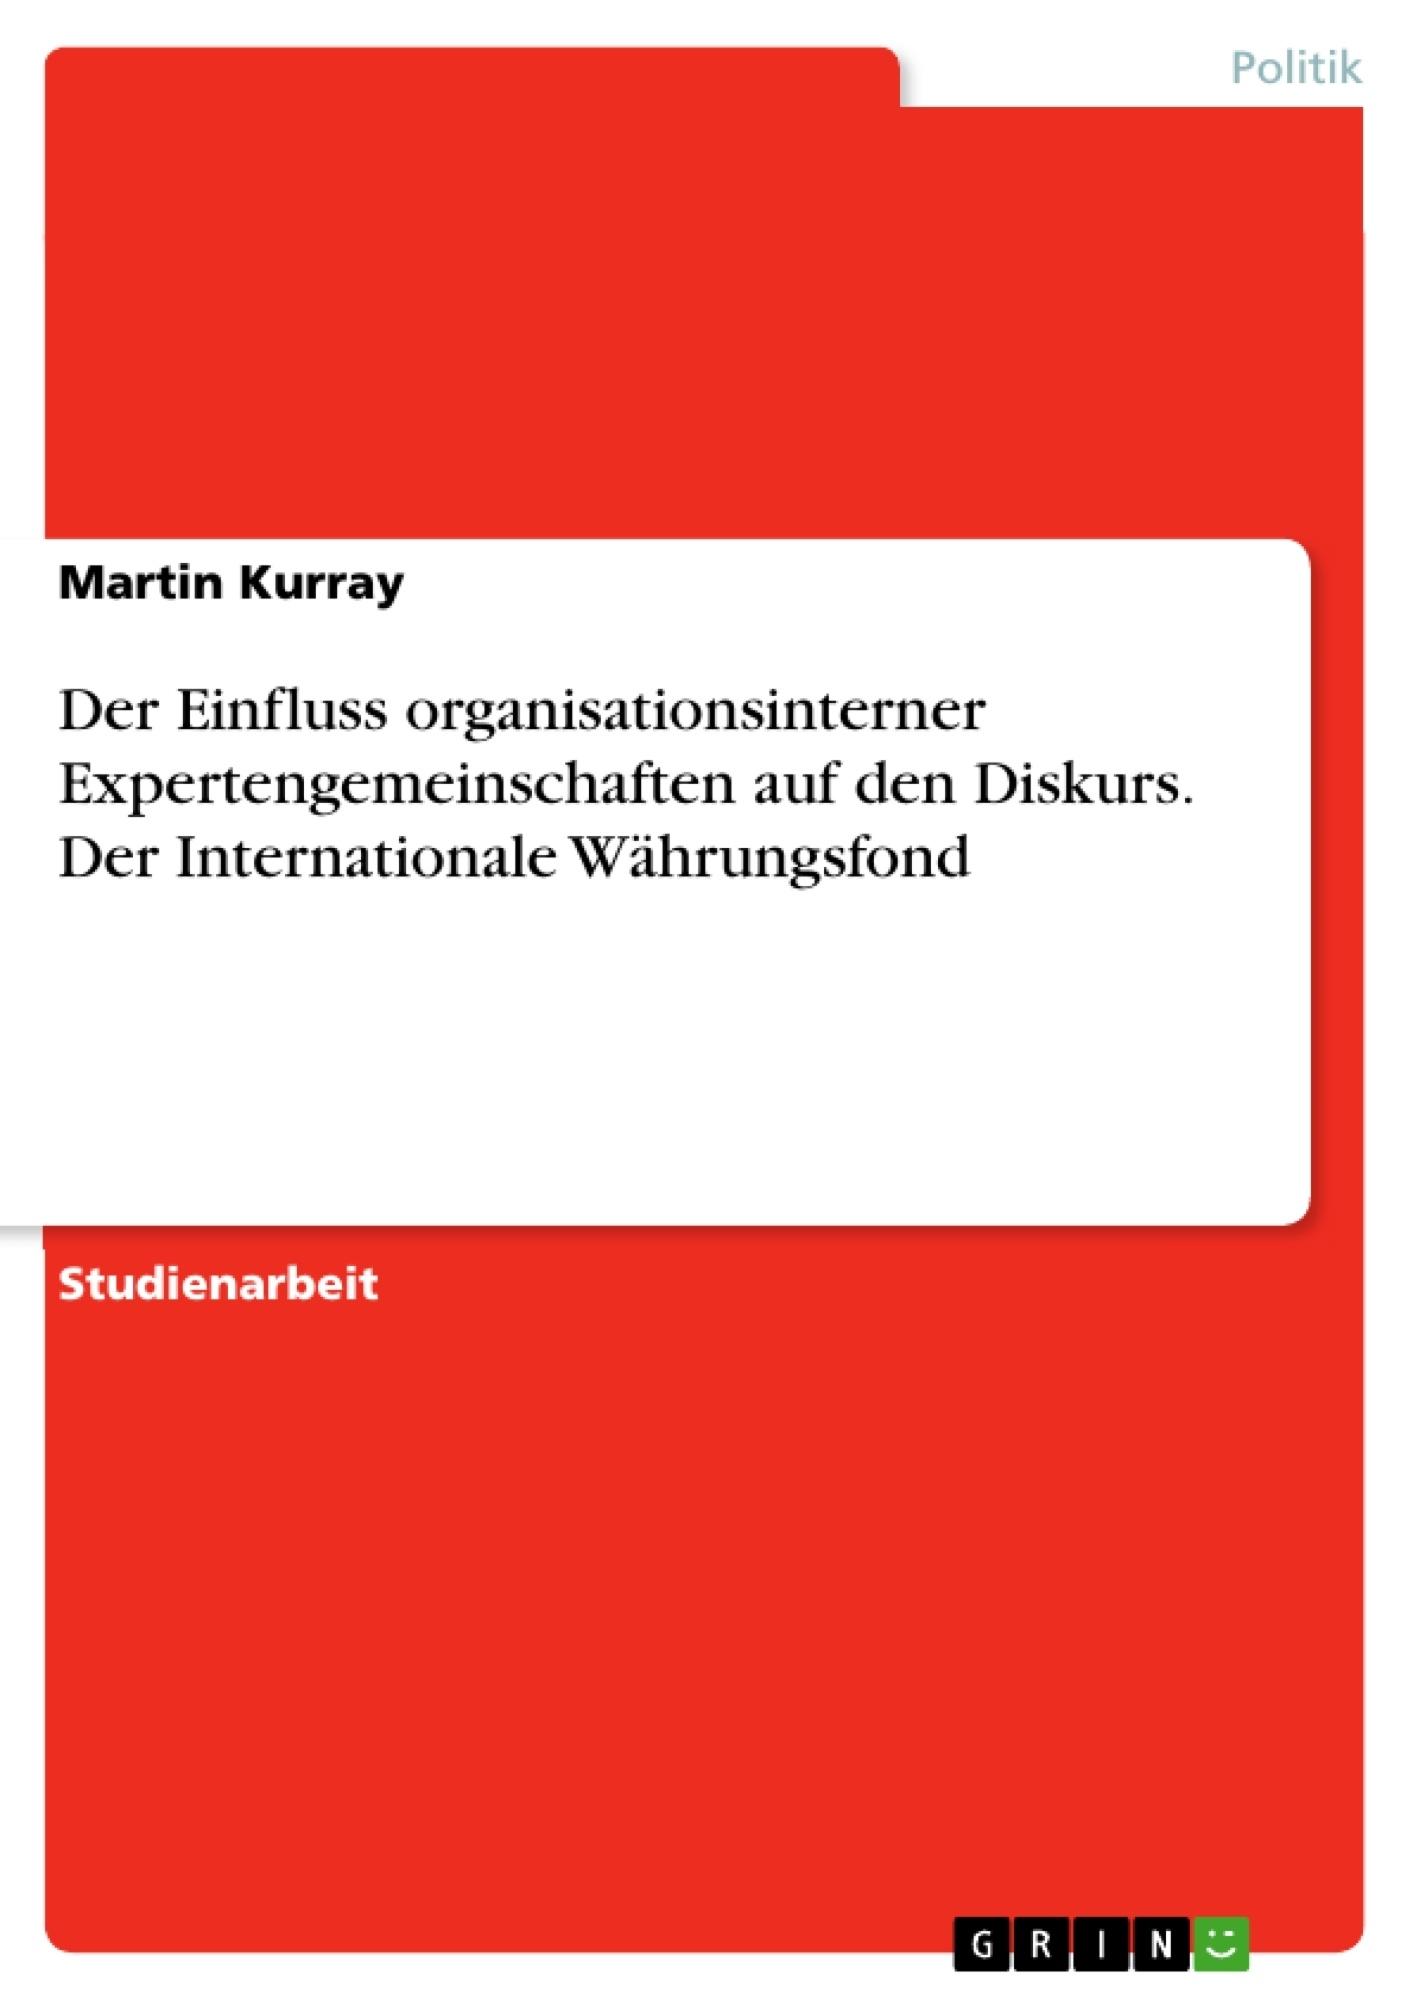 Titel: Der Einfluss organisationsinterner Expertengemeinschaften auf den Diskurs. Der Internationale Währungsfond